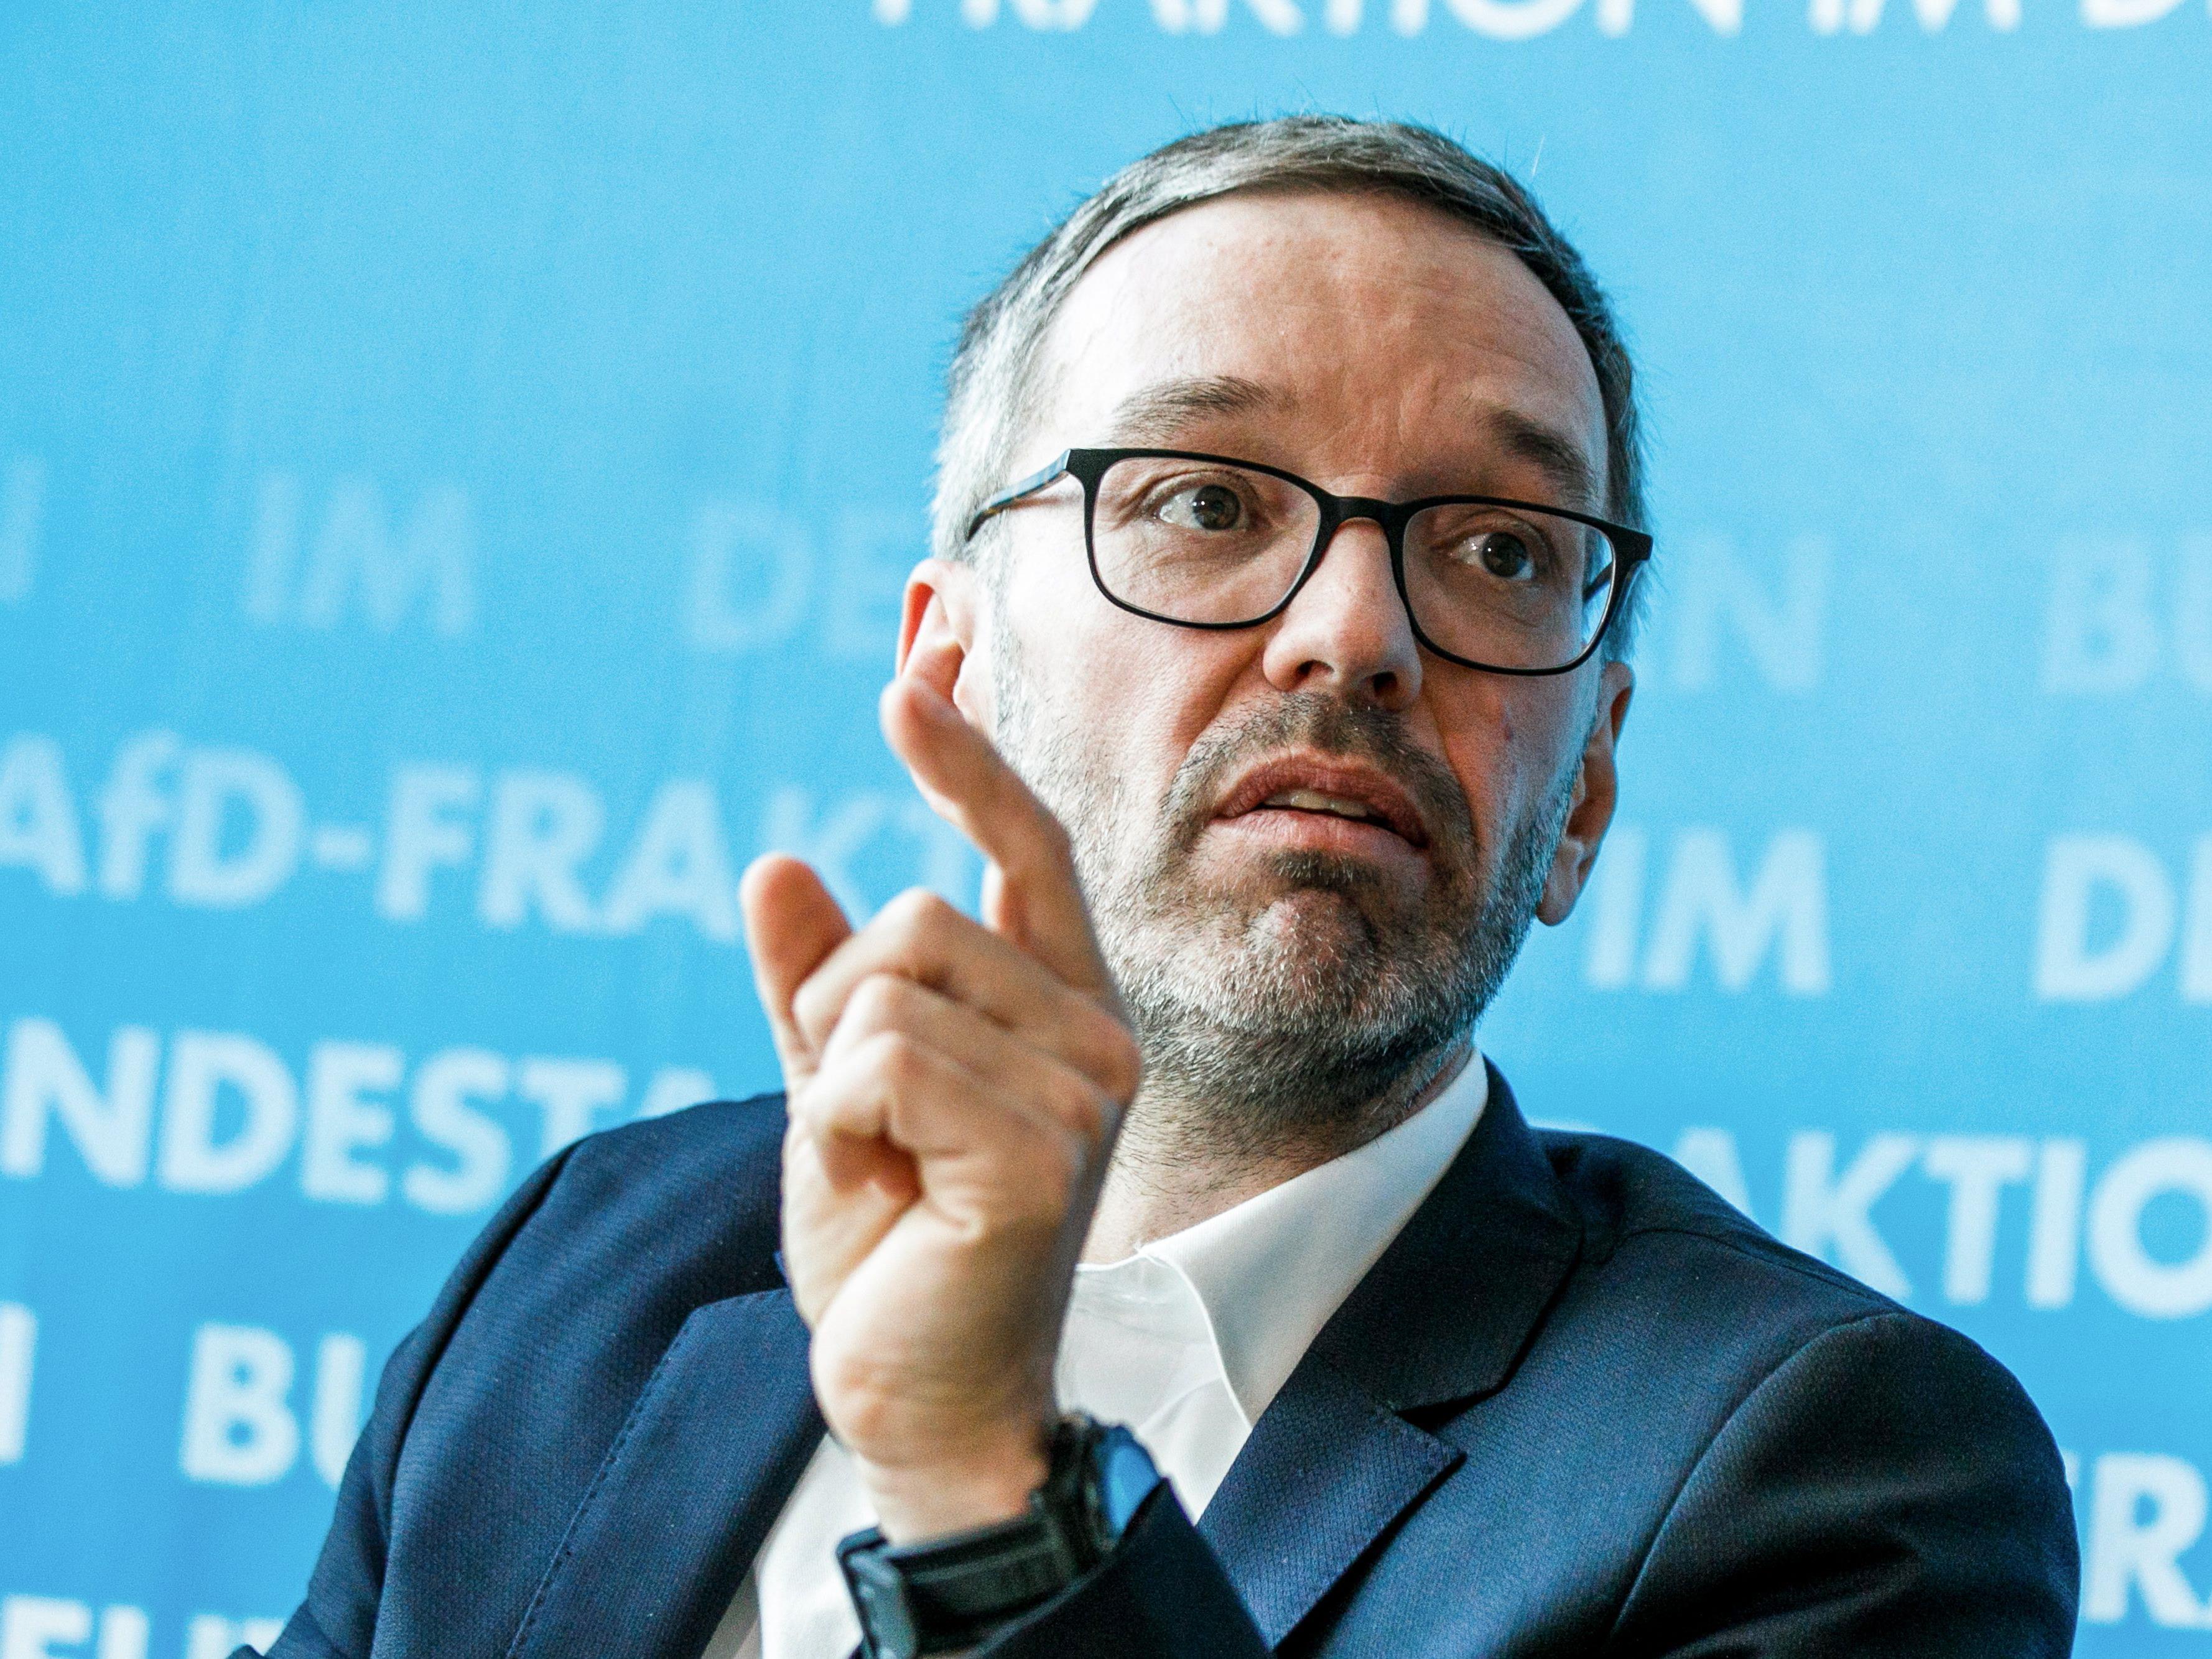 Die Informationen wurden am Rande des Besuches von FPÖ-Klubobmann Herbert Kickl in Berlin publik.